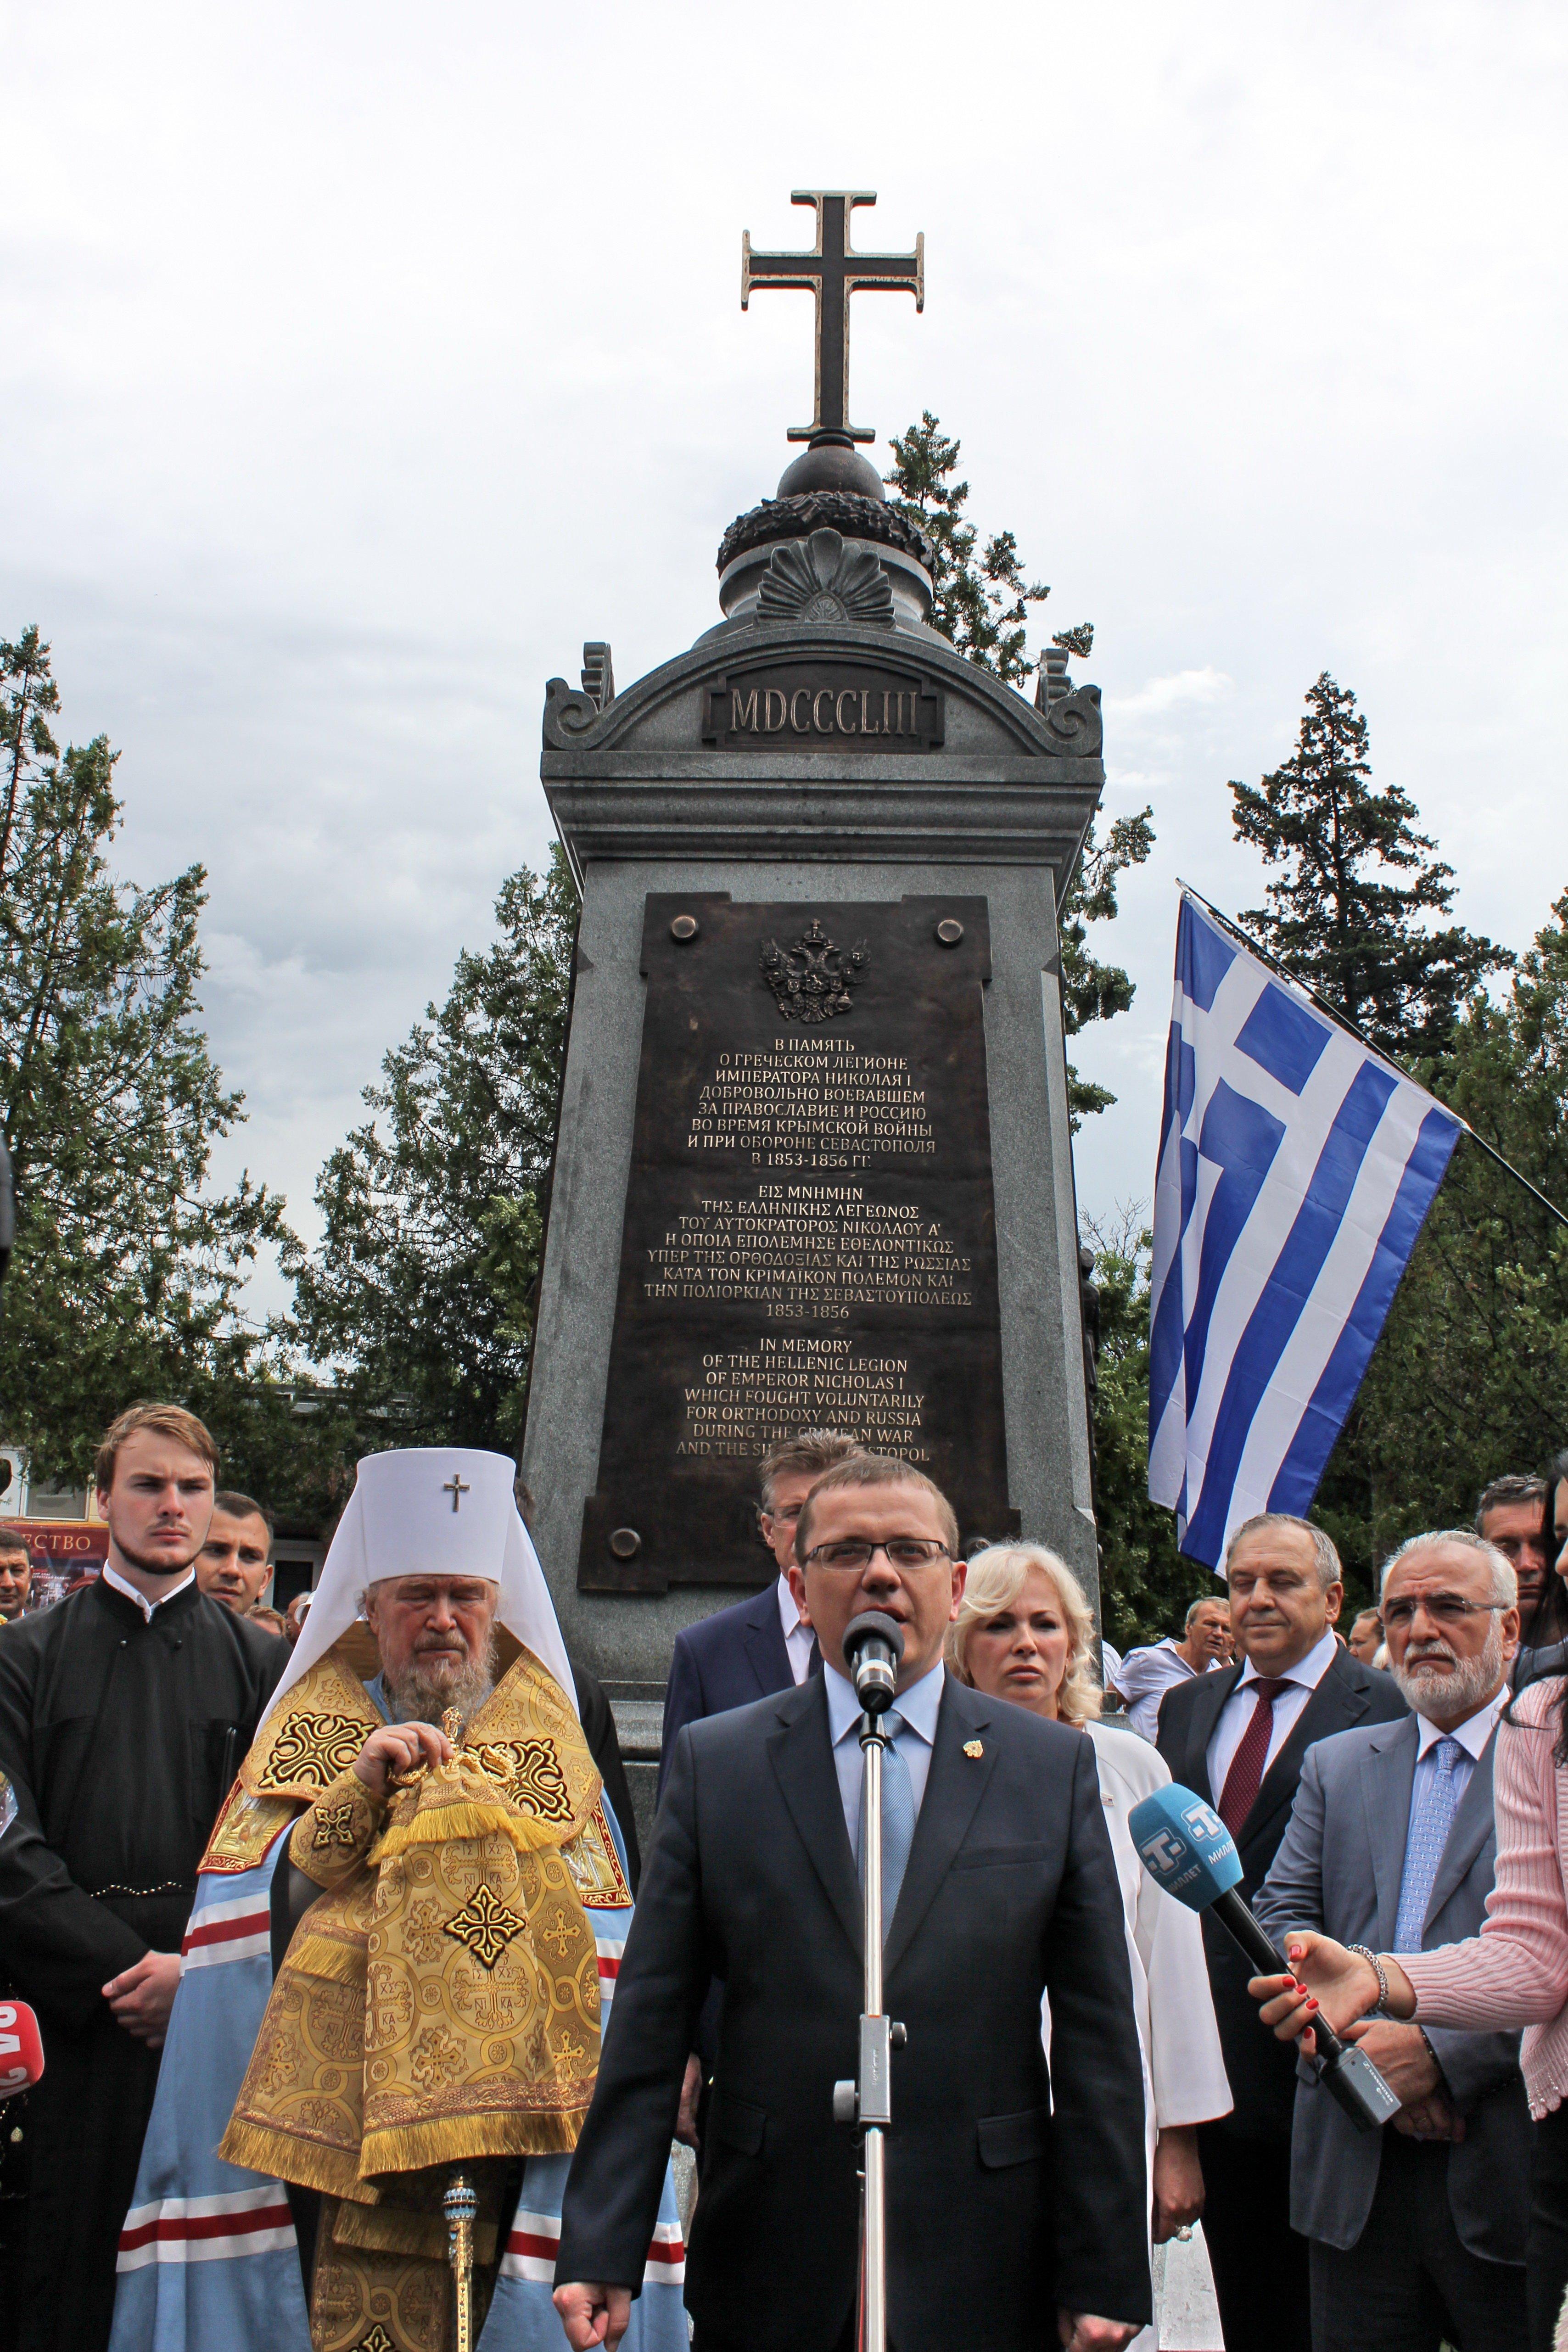 Με εντολή Πούτιν μνημείο για τους Έλληνες εθελοντές του Κριμαικού - Εικόνα1